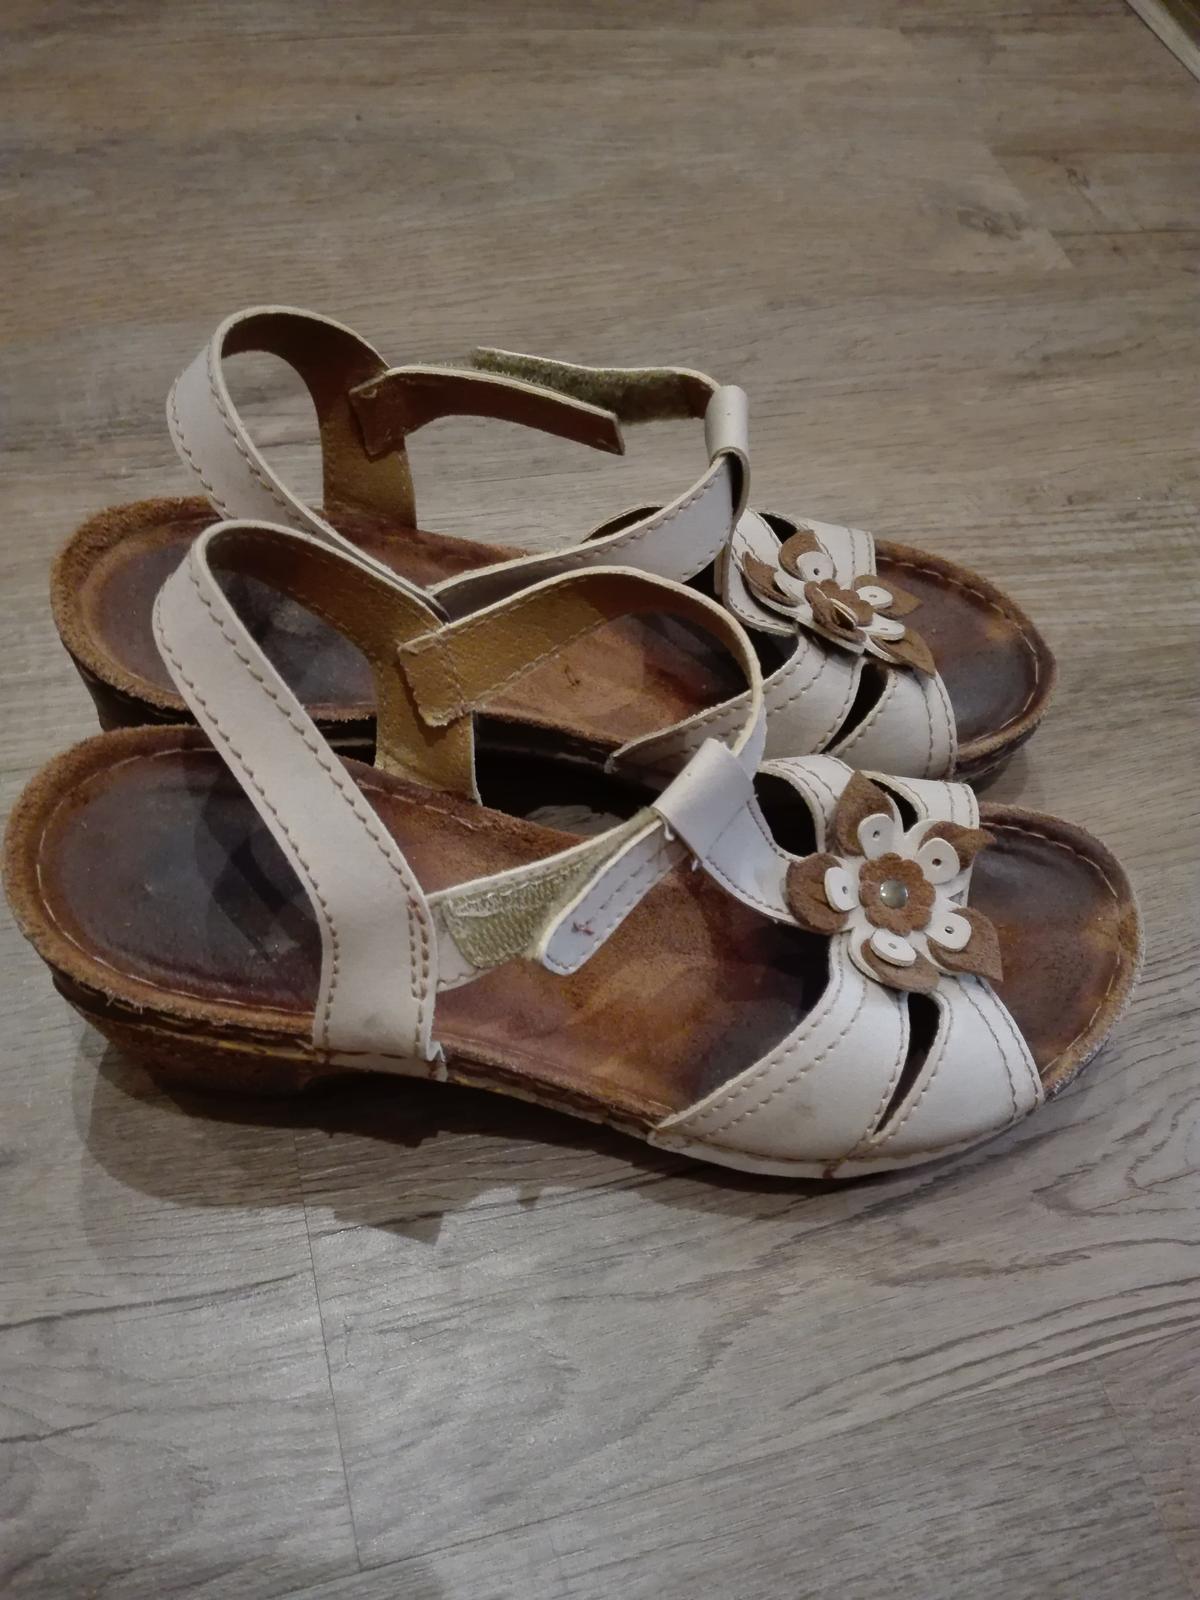 Béžové sandálky Rieker - Obrázek č. 1